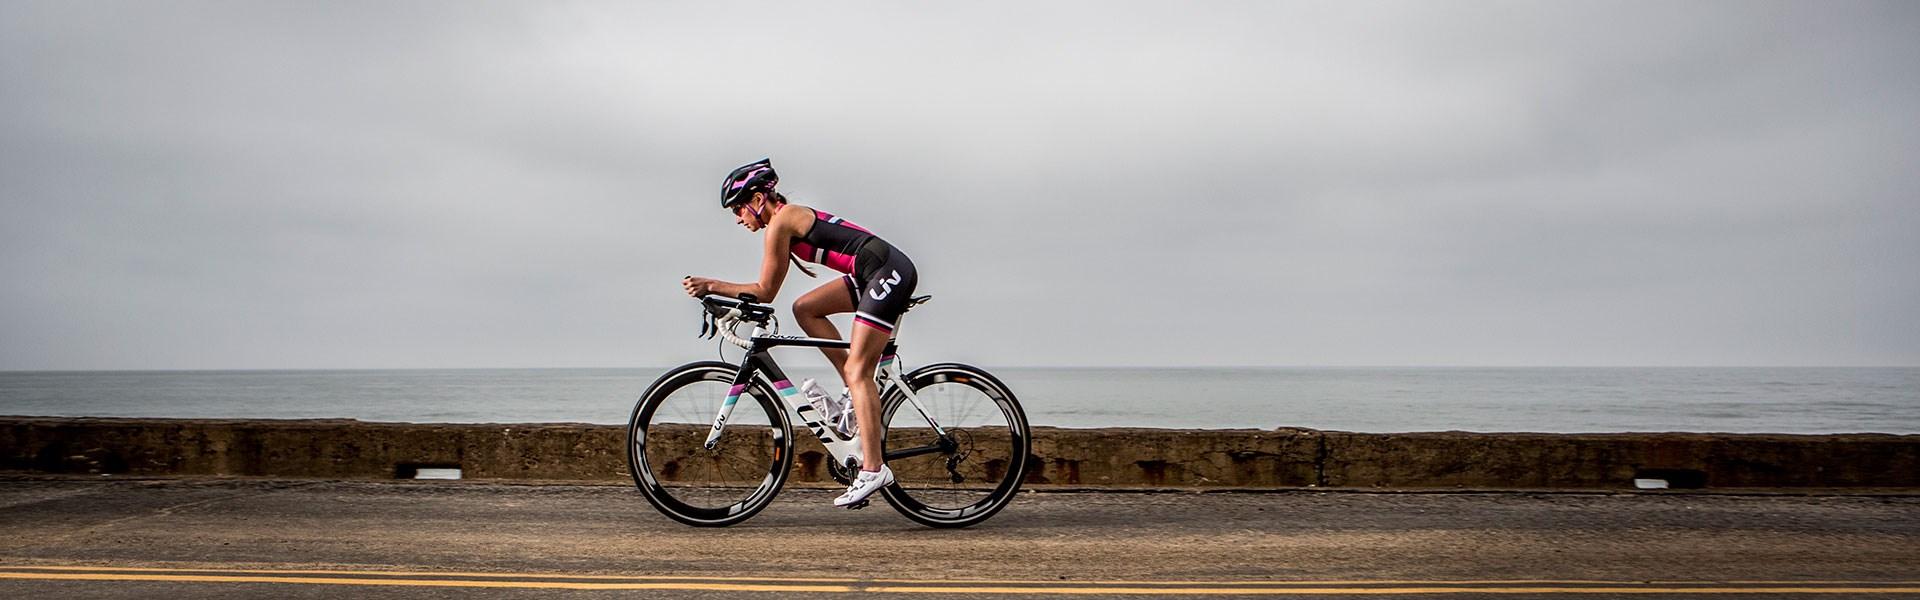 triathlon mulher